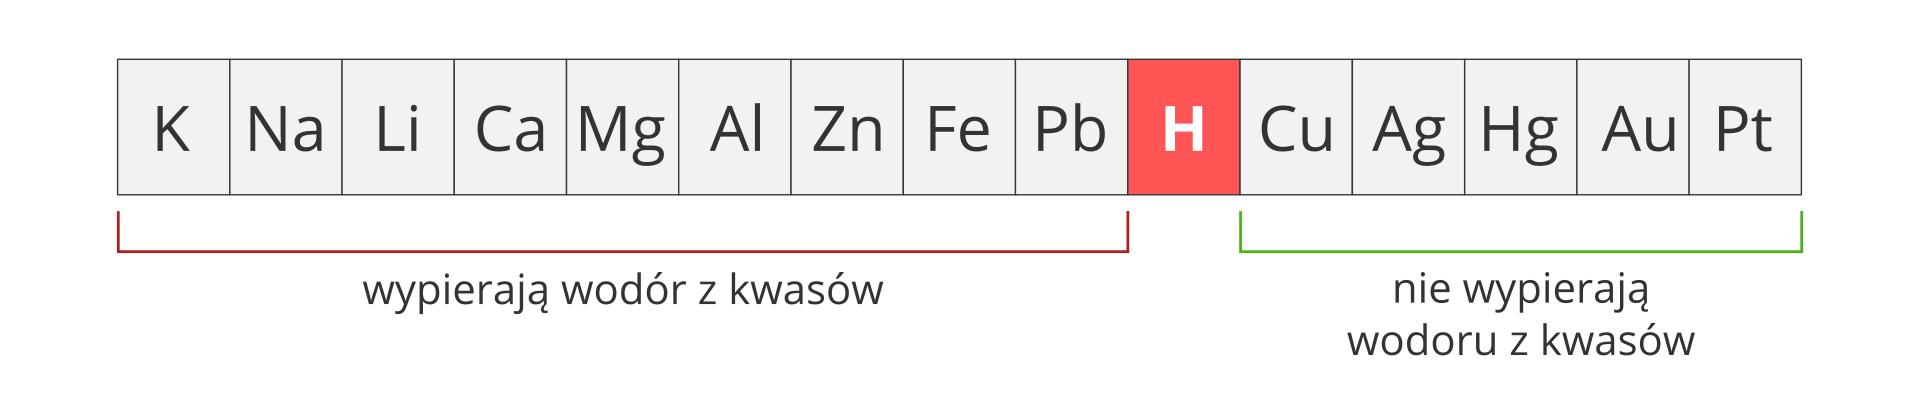 Ilustracja przedstawia szereg aktywności metali wpostaci szarego paska, podzielonego na piętnaście kwadratowych pól. Wkażdym polu umieszczono symbol jednego pierwiastka. Licząc od lewej są to: K, Na, Li, Ca, Mg, Al, Zn, Fe, Pb, H, Cu, Ag, Hg, Au, Pt. Wodór, czyli szósty od prawej kwadrat zliterą Hwyróżniony został czerwonym tłem zamiast szarego. Obszar dziewięciu pierwiastków po lewej stronie wodoru spięty został czerwoną klamrą zpodpisem Wypierają wodór zkwasów, natomiast obszar pięciu pierwiastków po prawej stronie wodoru spięty został zieloną klamrą zpodpisem Nie wypierają wodoru zkwasów.